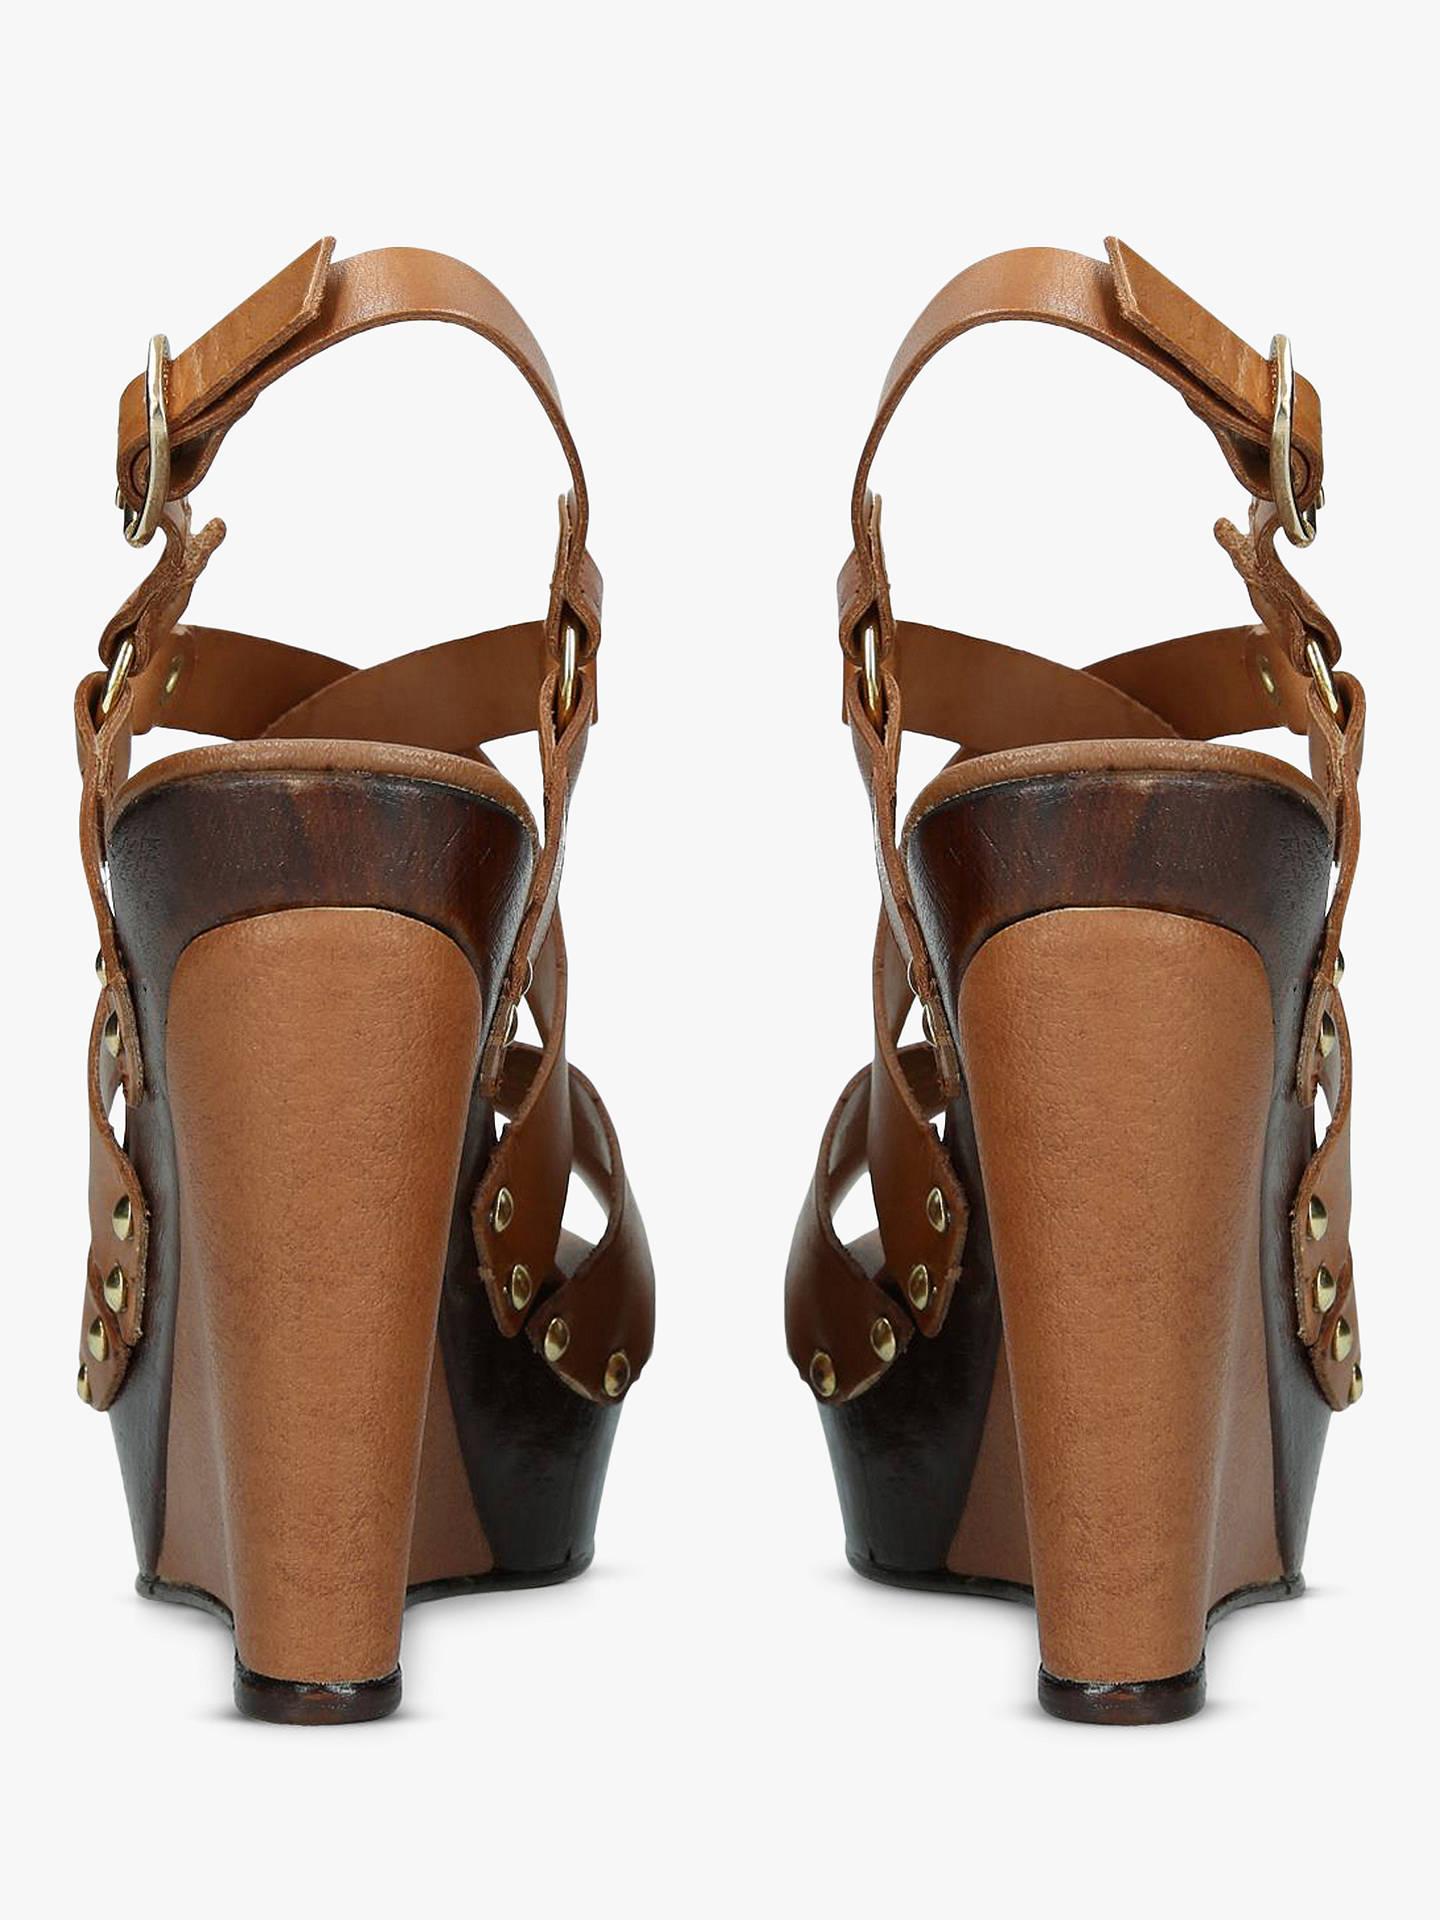 6f19666e09 ... Buy Carvela Kassandra High Platform Sandals, Tan Leather, 3 Online at  johnlewis.com